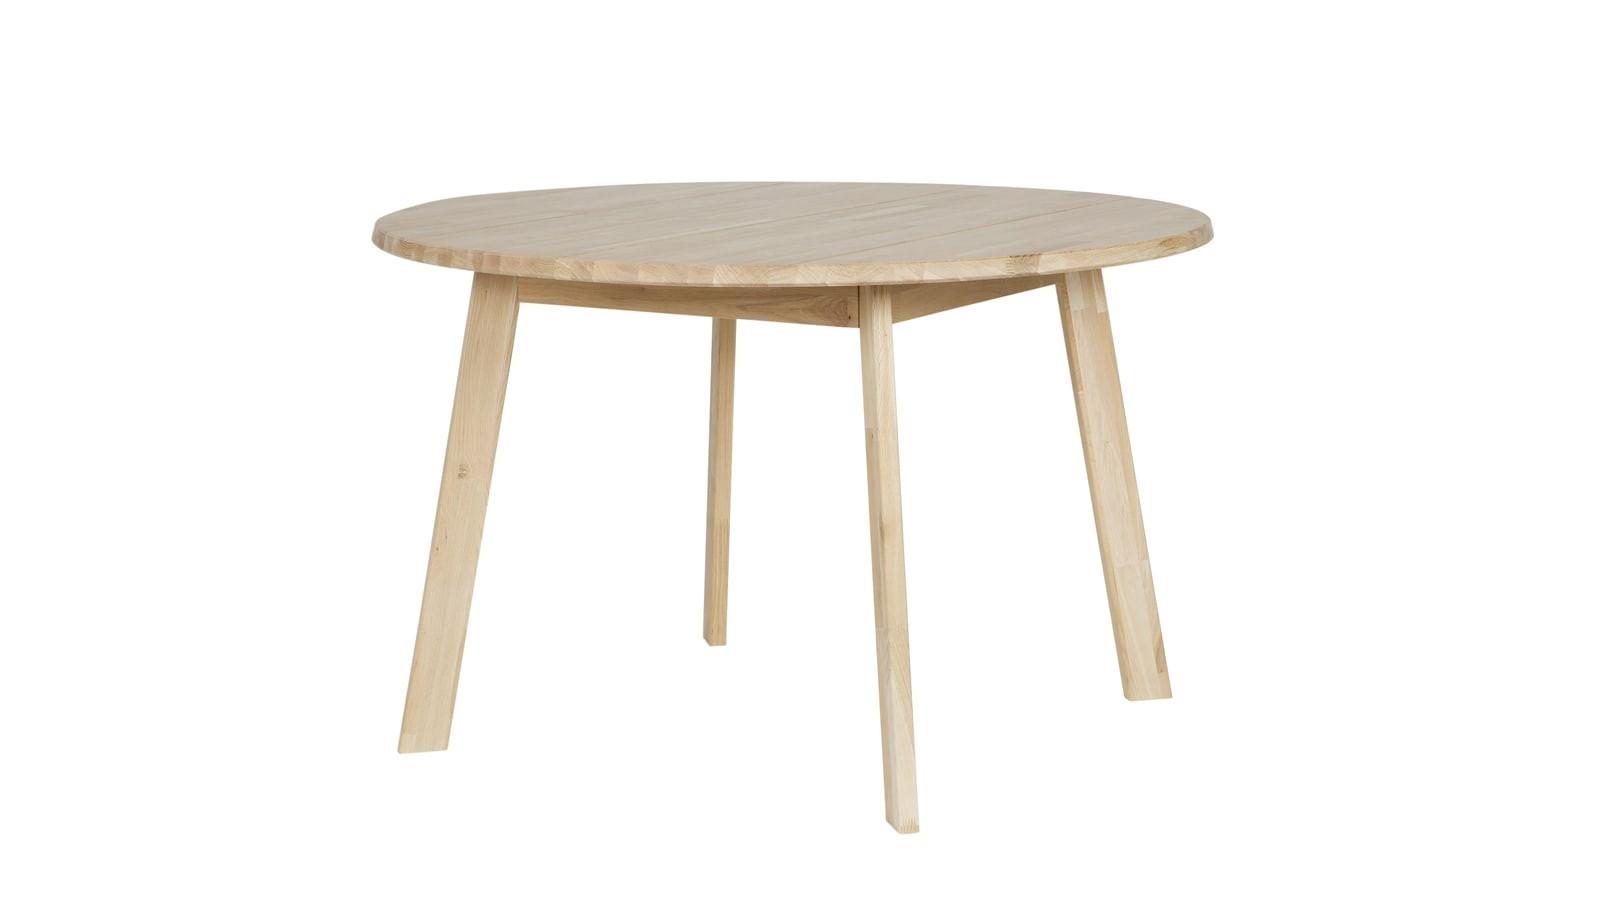 Table à manger ronde en chêne 120cm de diamètre - Collection Disc ...